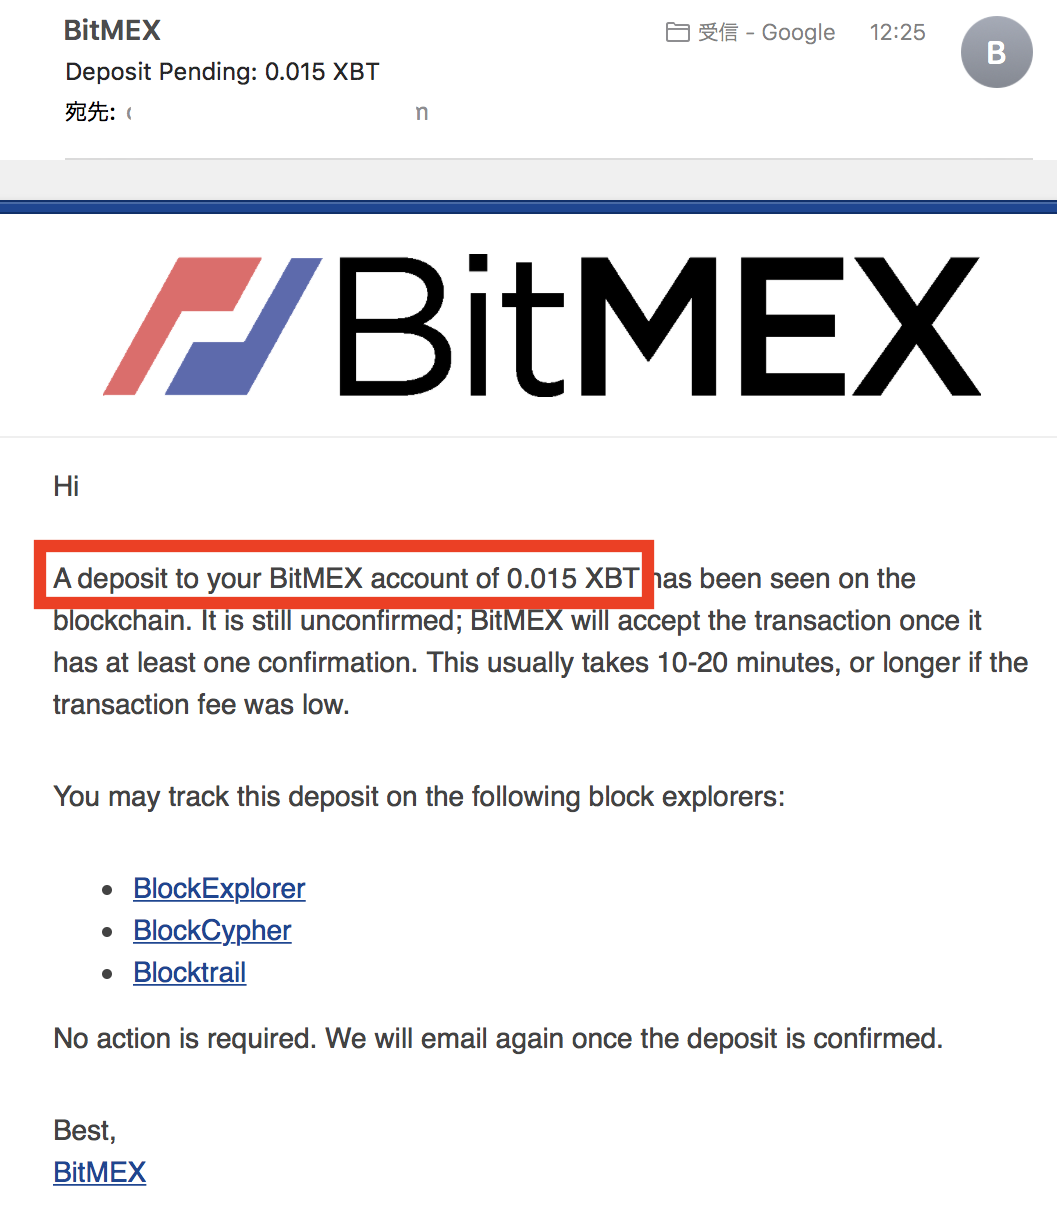 bitmex8